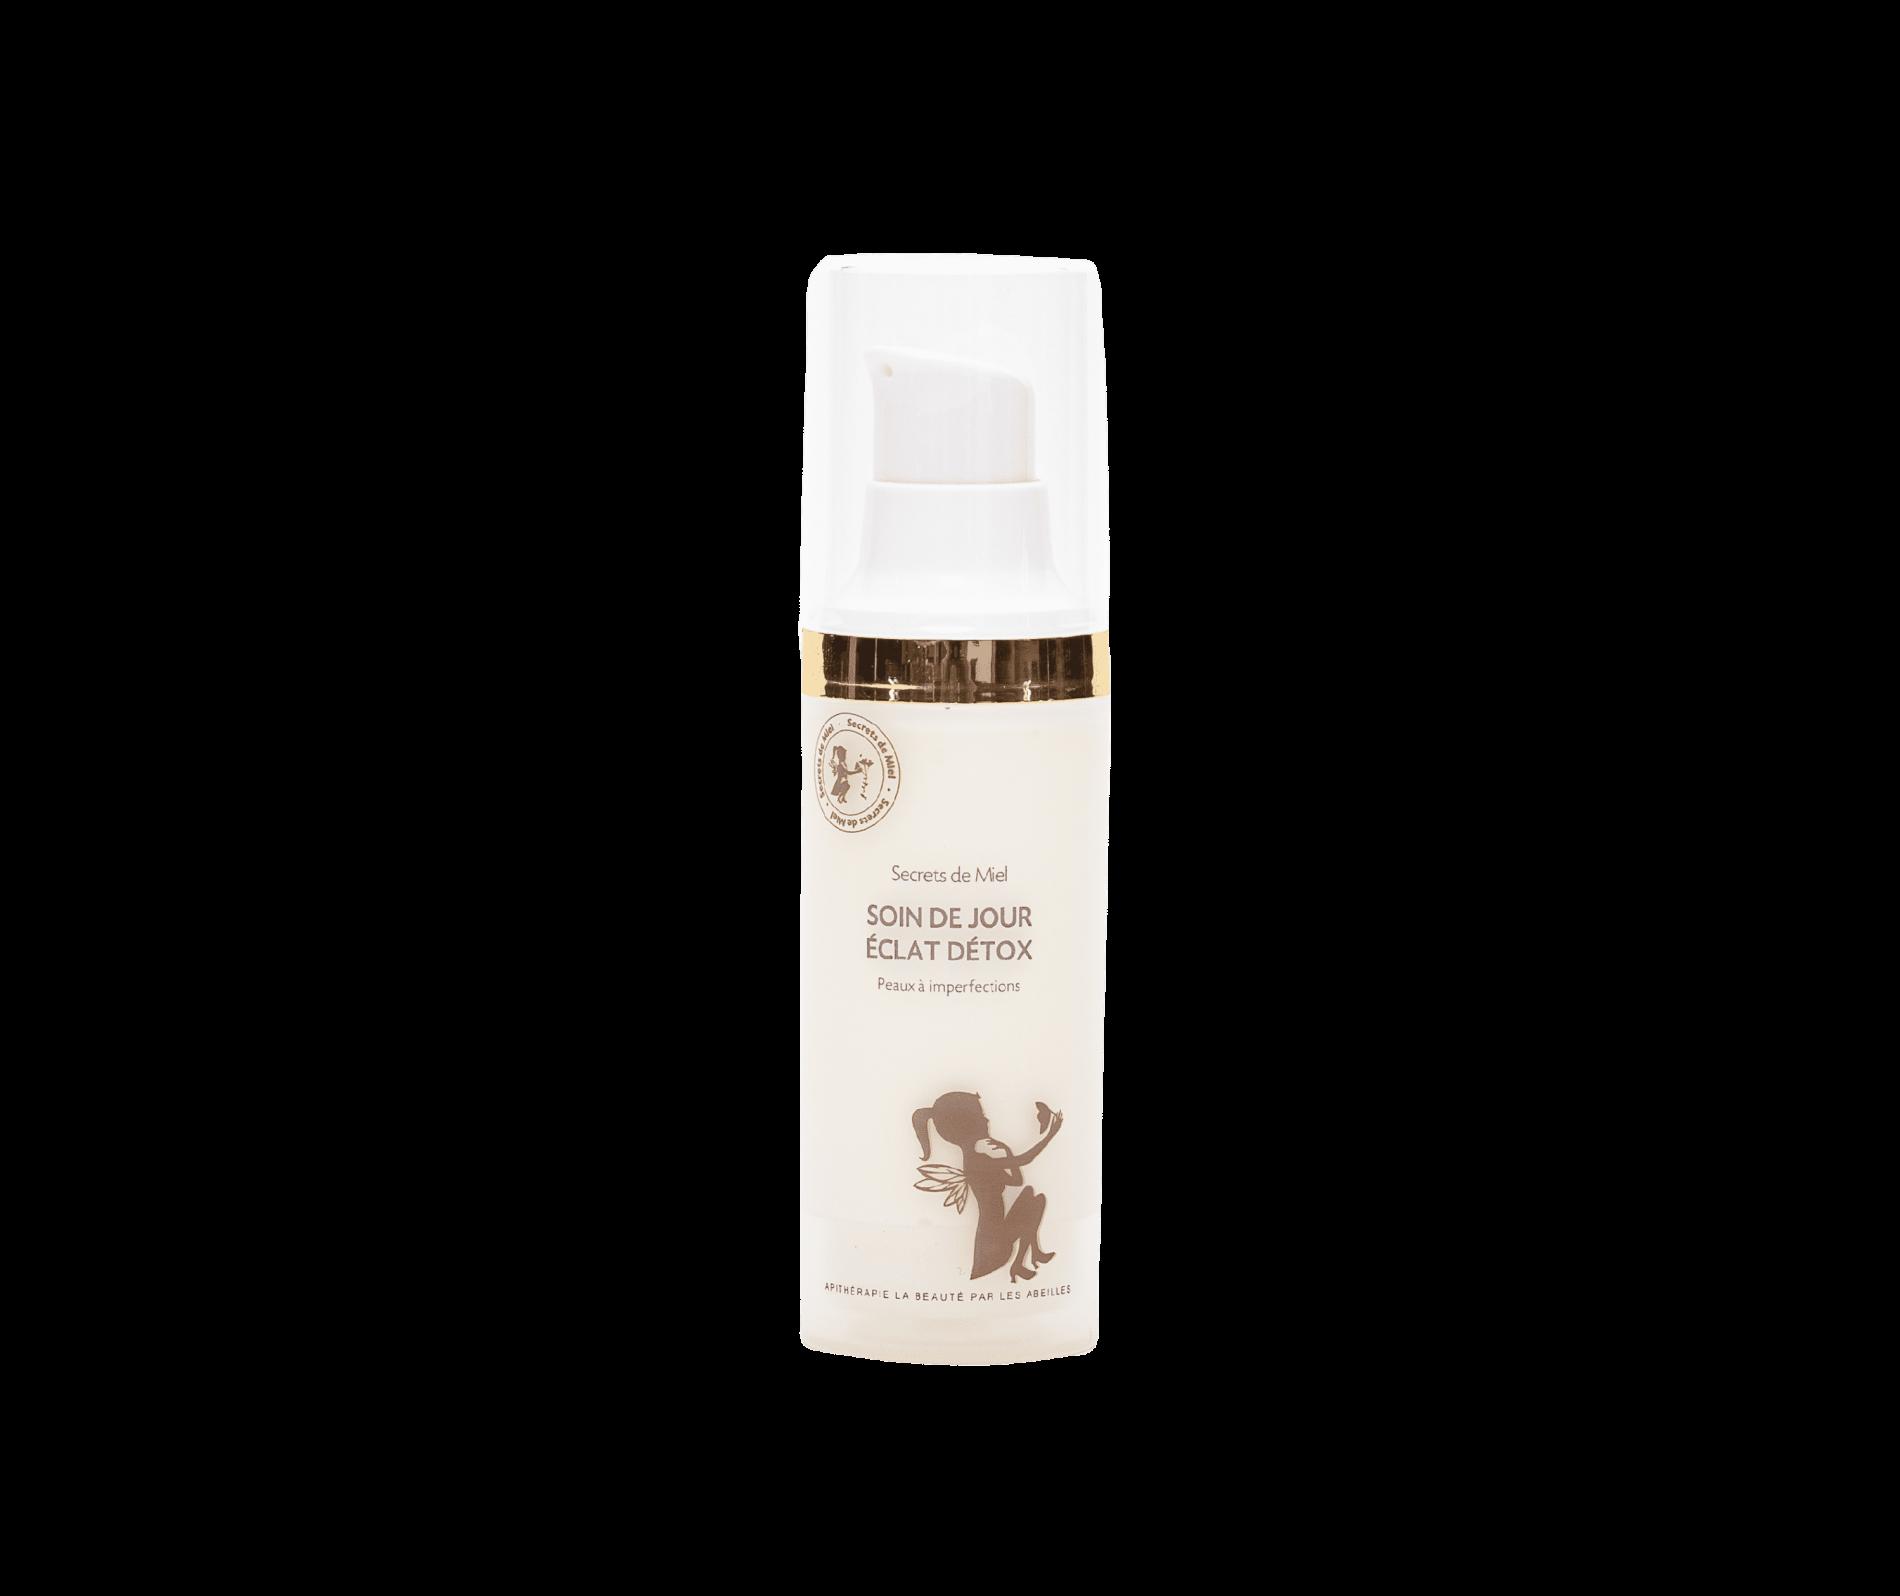 crème visage - peaux mixtes à grasses - peaux à imperfection - hydrate et purifie - lisse les imperfections - soin de jour - routine beauté - hydrater sa peau - visage - Secrets de Miel